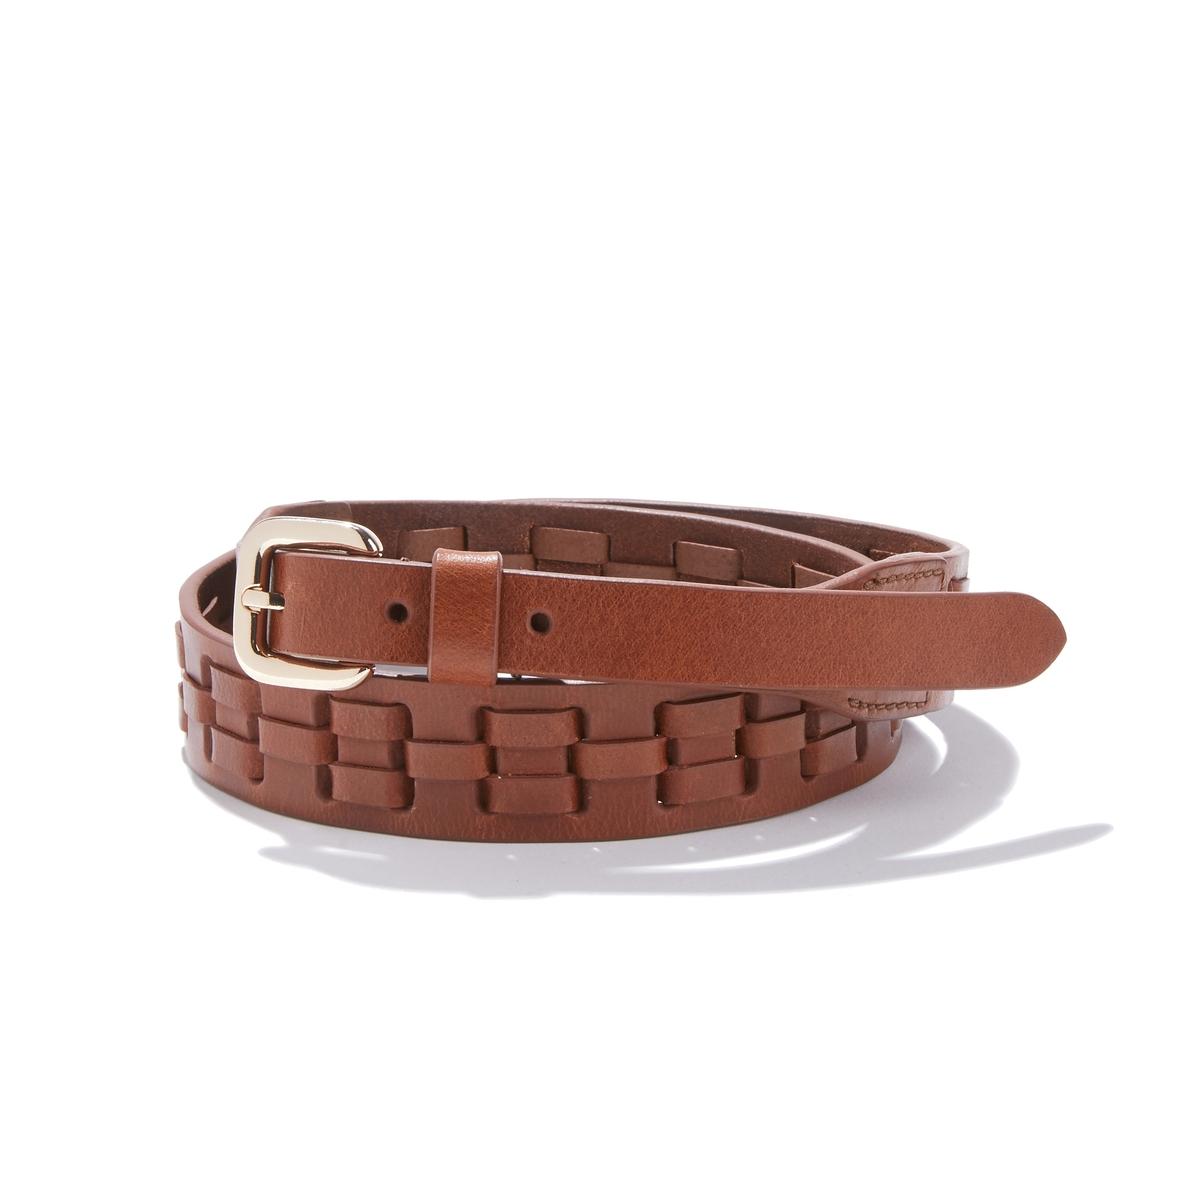 Cinturón de piel con efecto trenzado